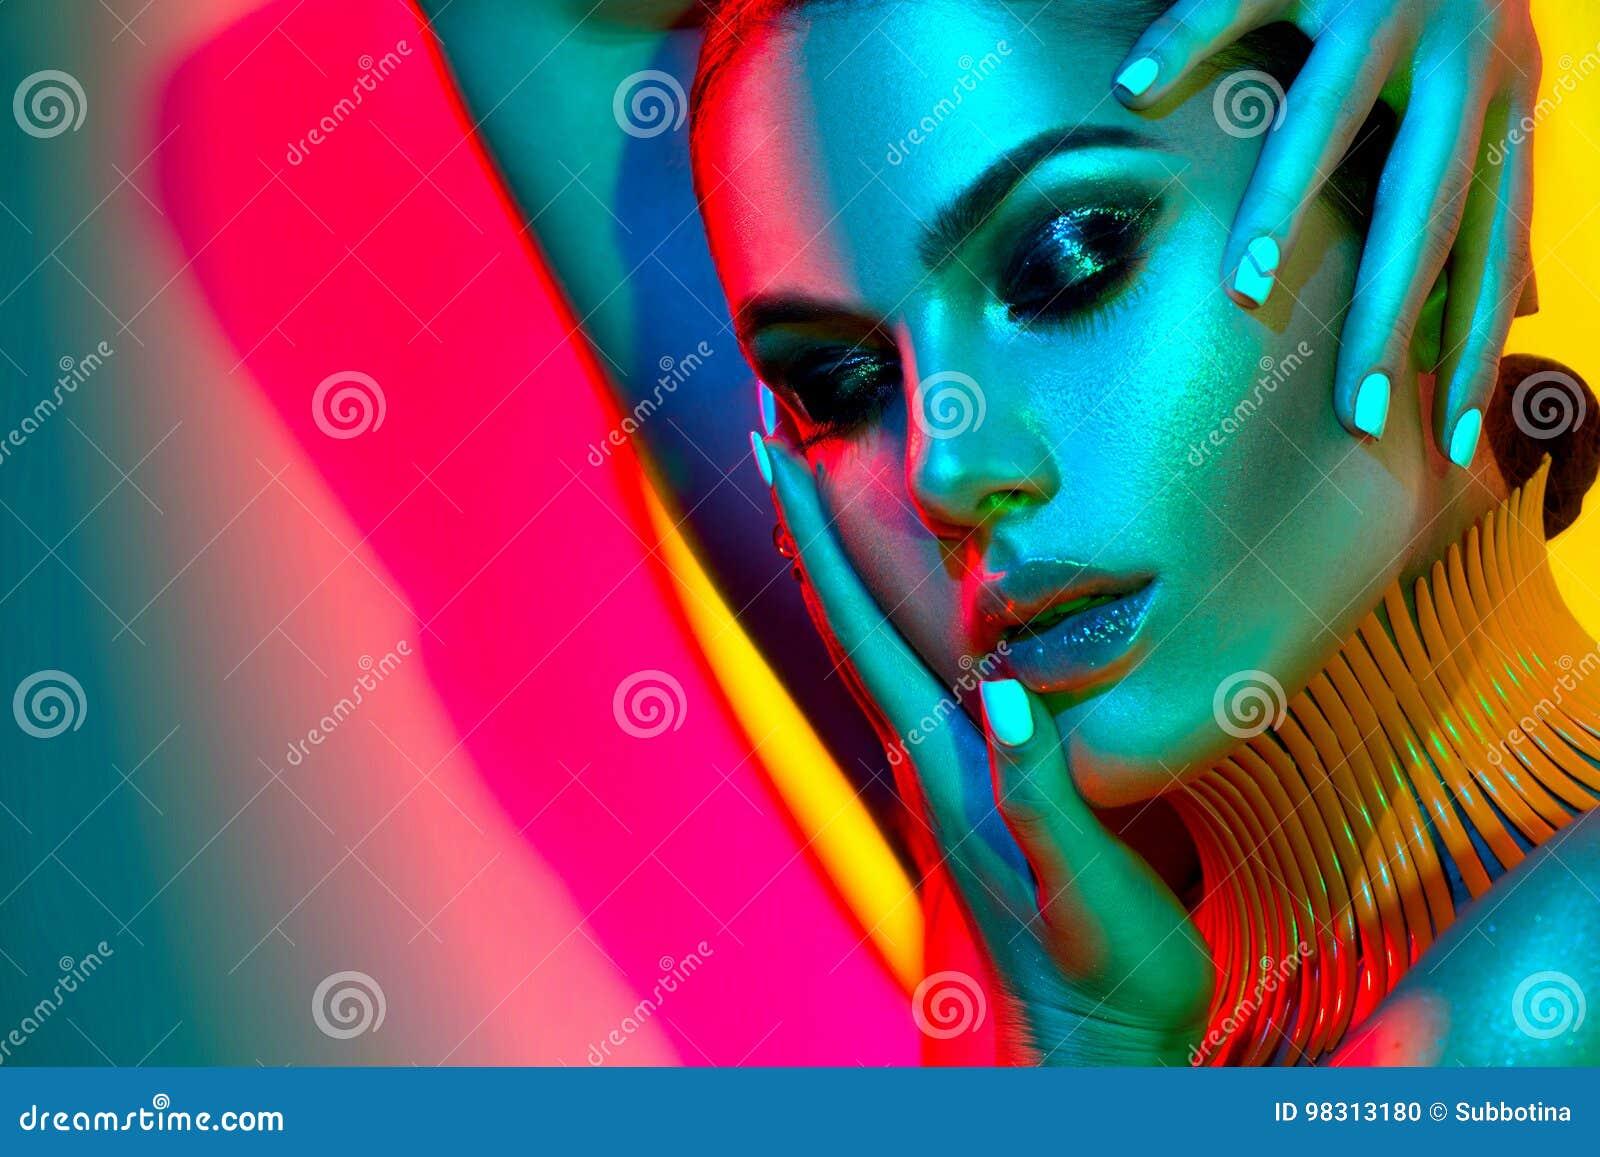 Mujer del modelo de moda con maquillaje y la manicura de moda